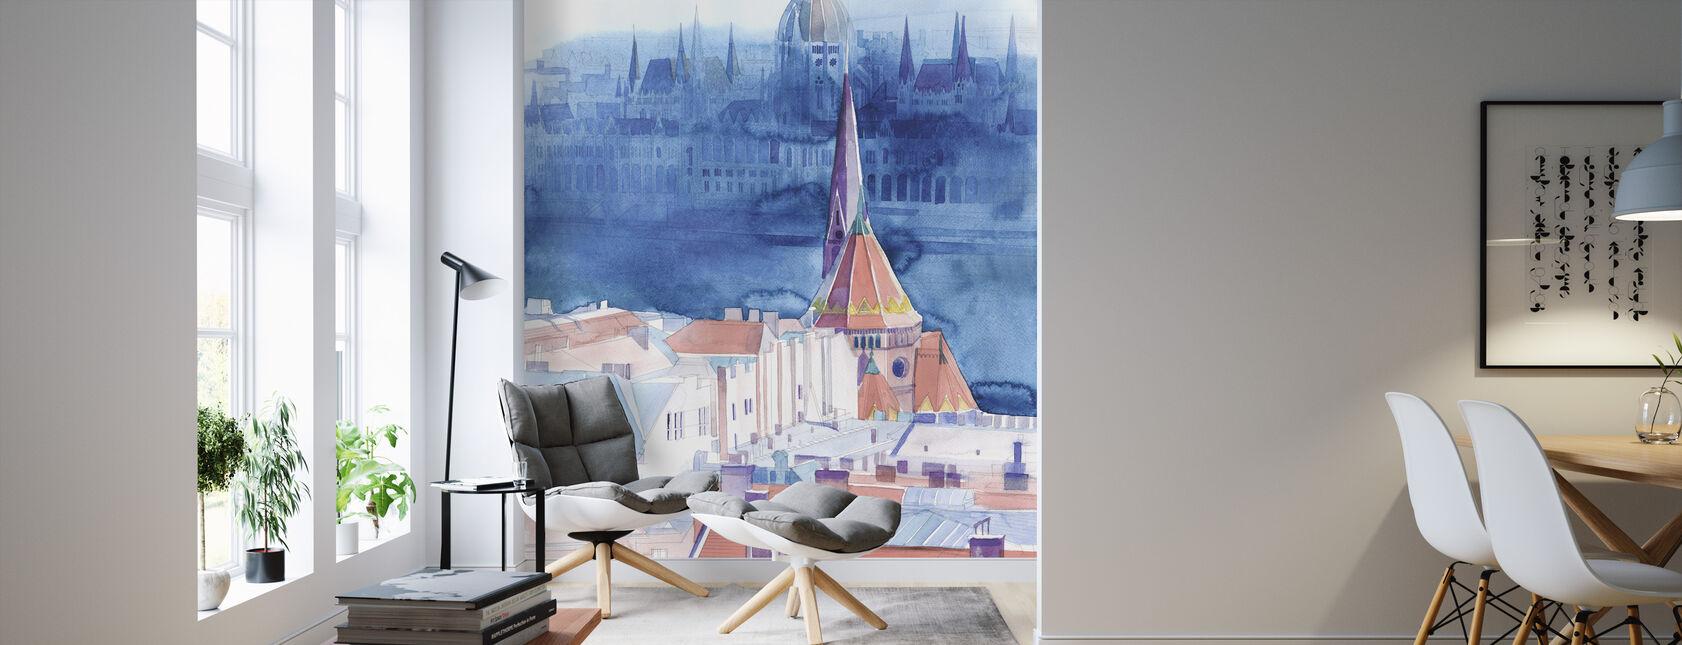 Morning in Budapest - Wallpaper - Living Room